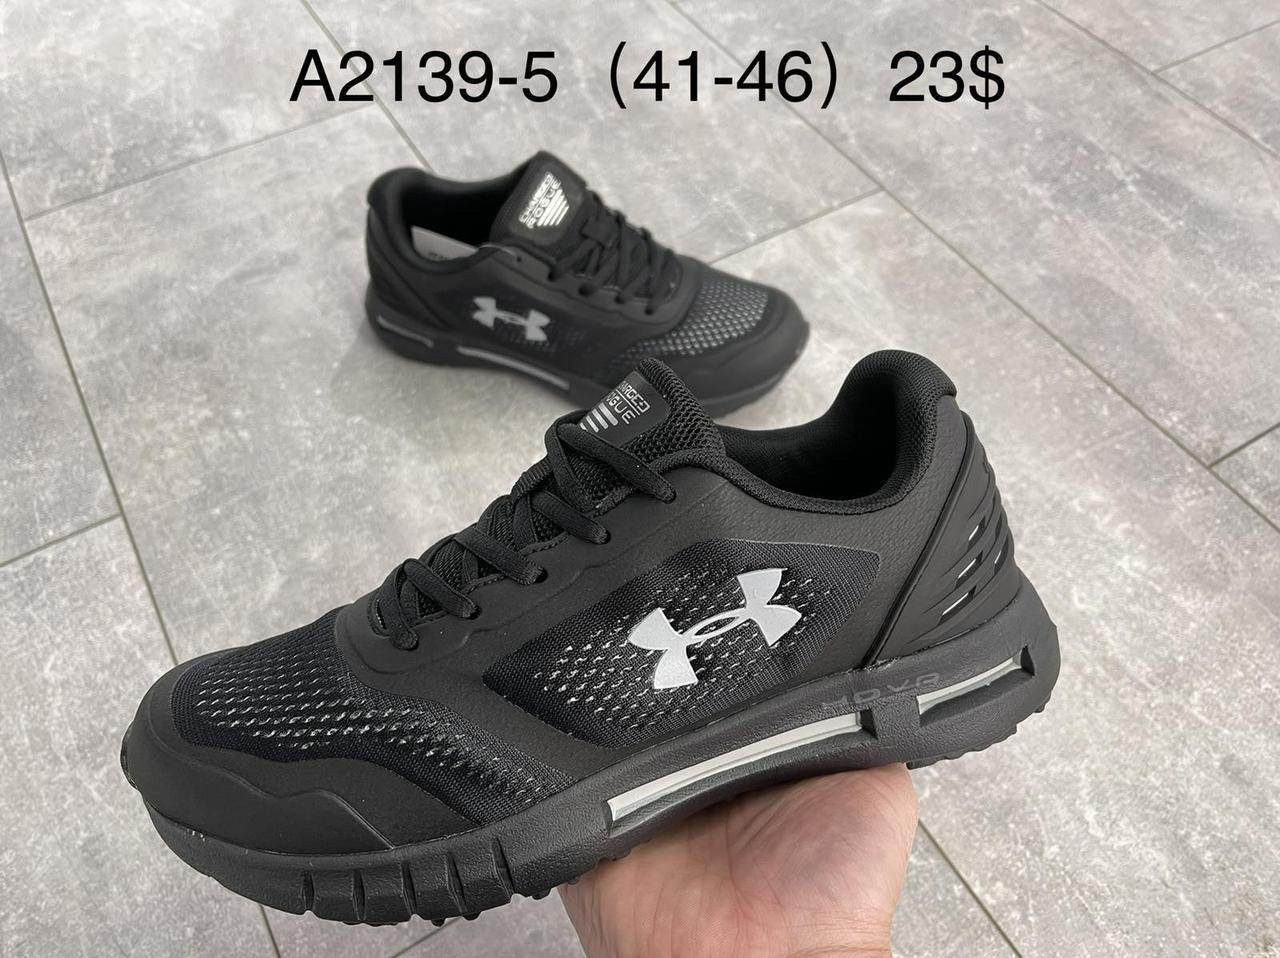 Кросівки чоловічі Under Armour HOVR оптом (41-46)